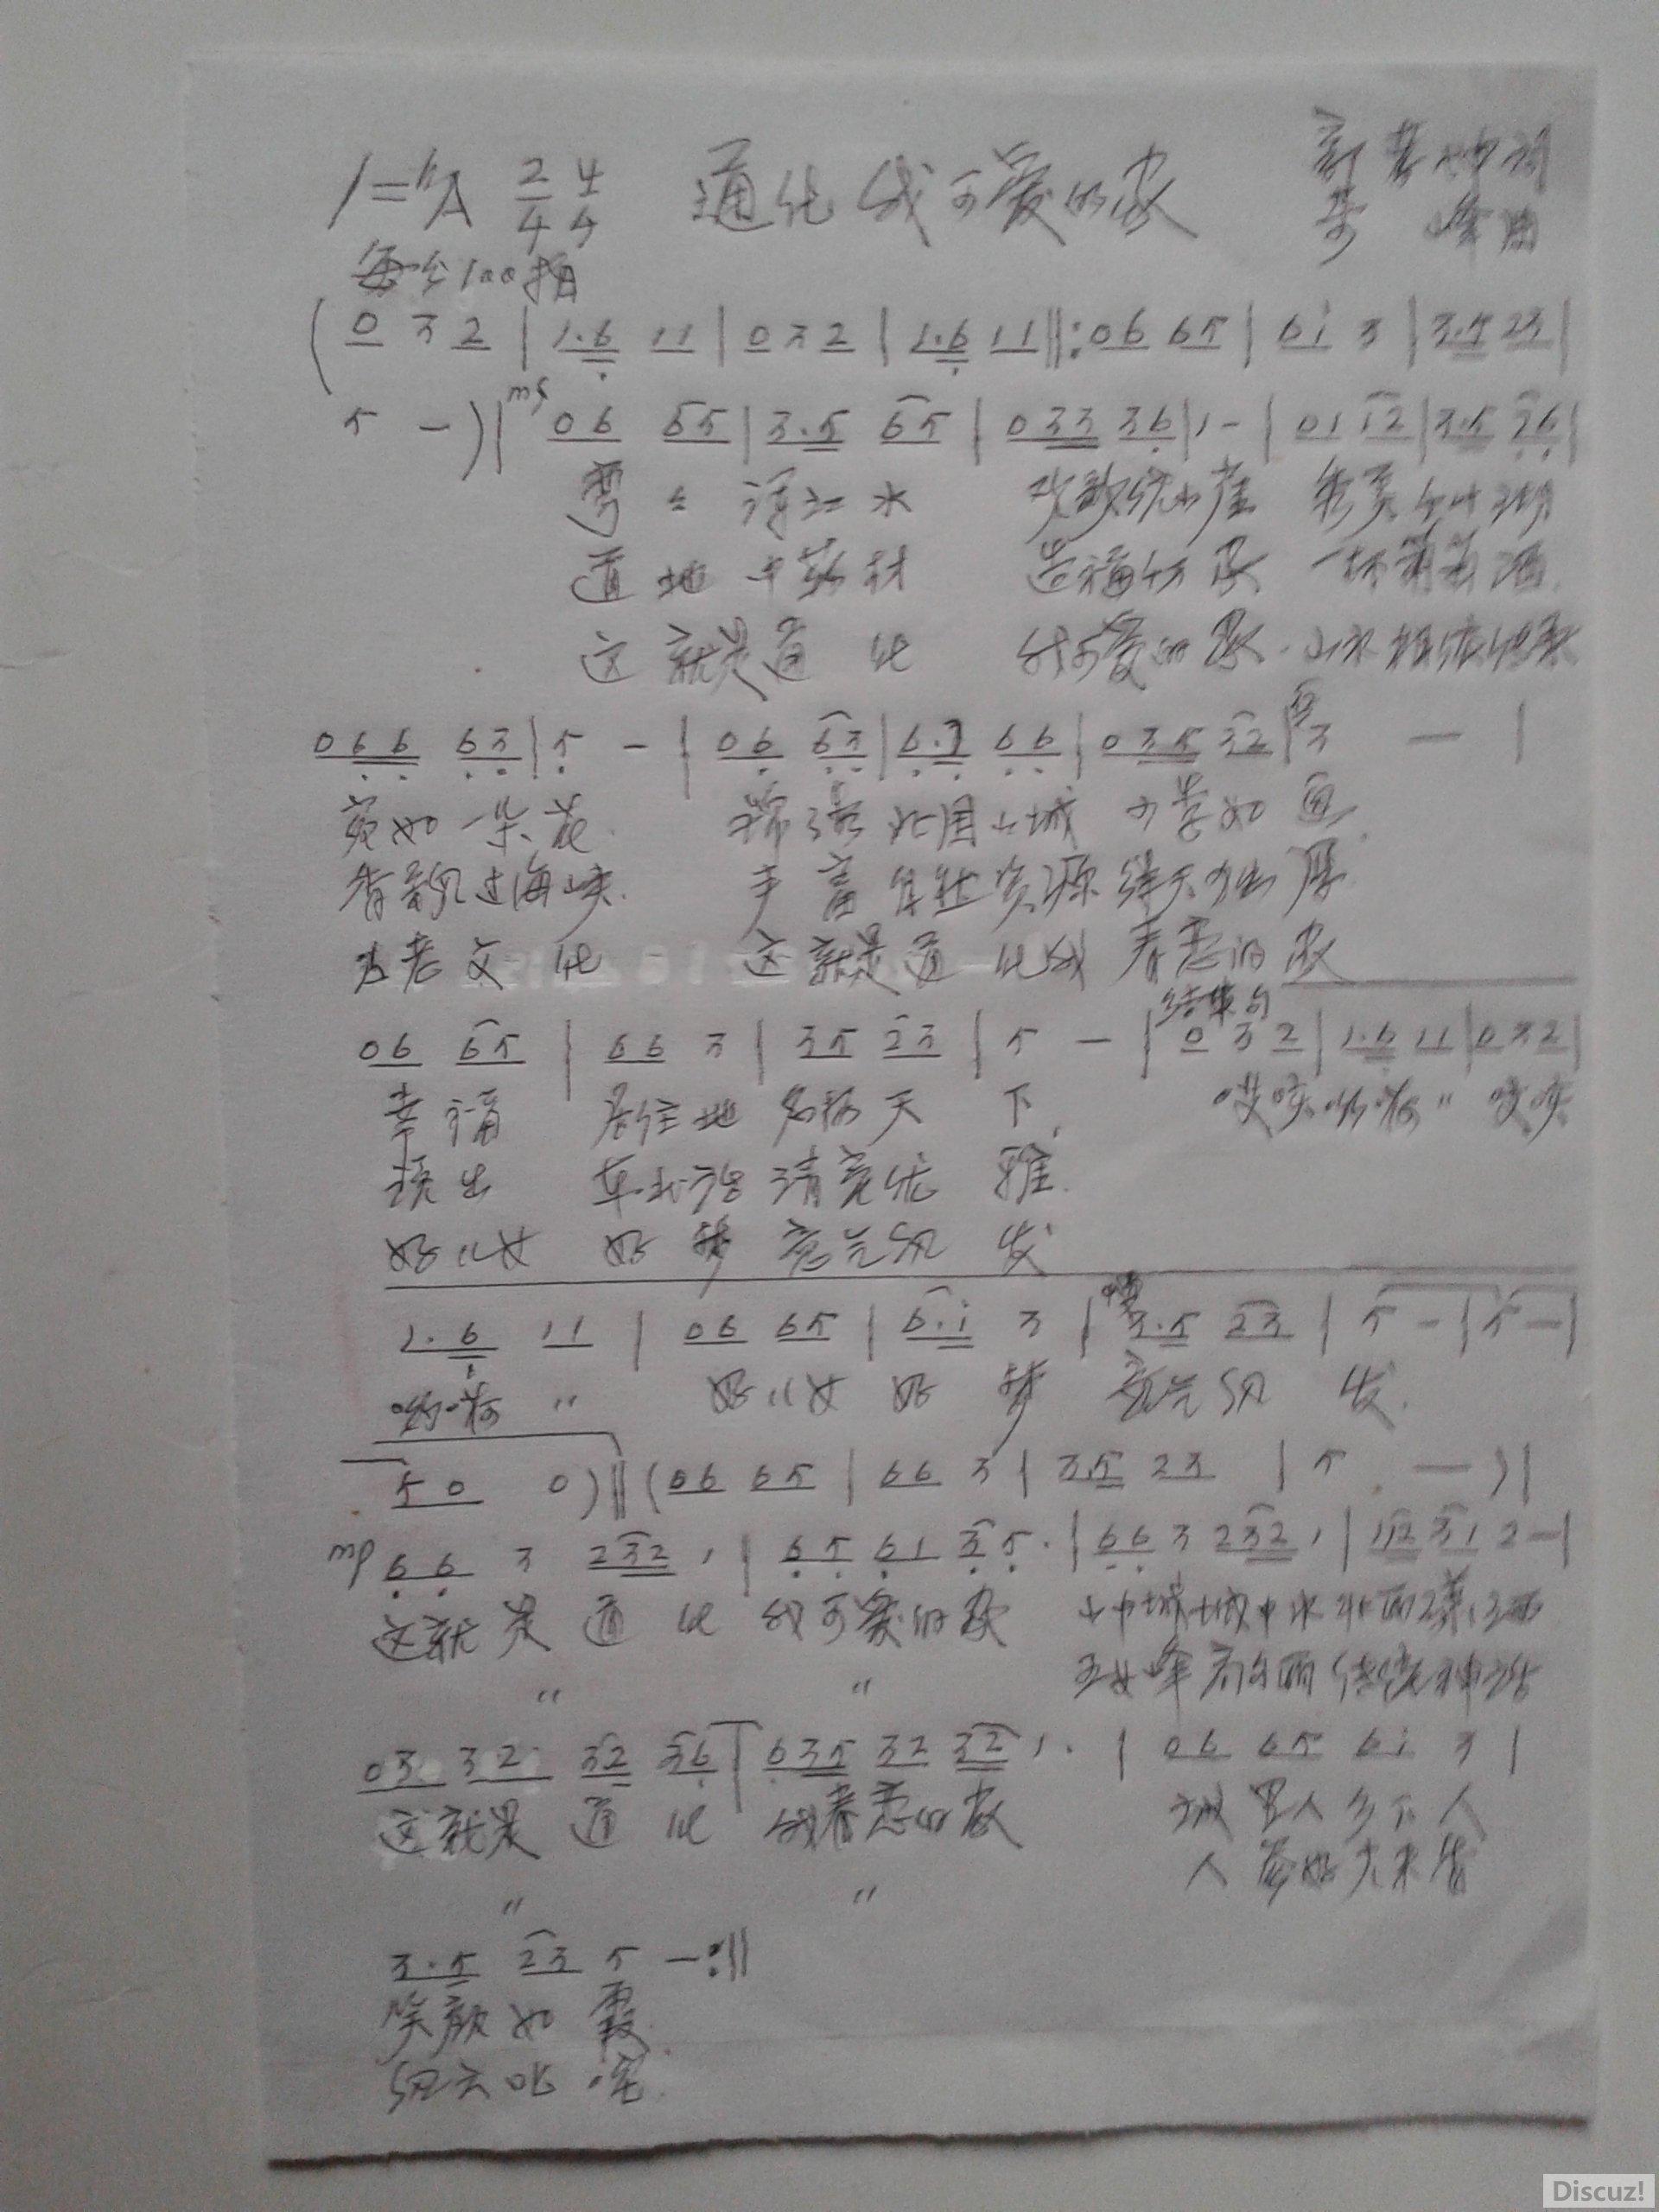 原创音乐曲谱-《通化我可爱的家》郭孝坤词奇峰曲